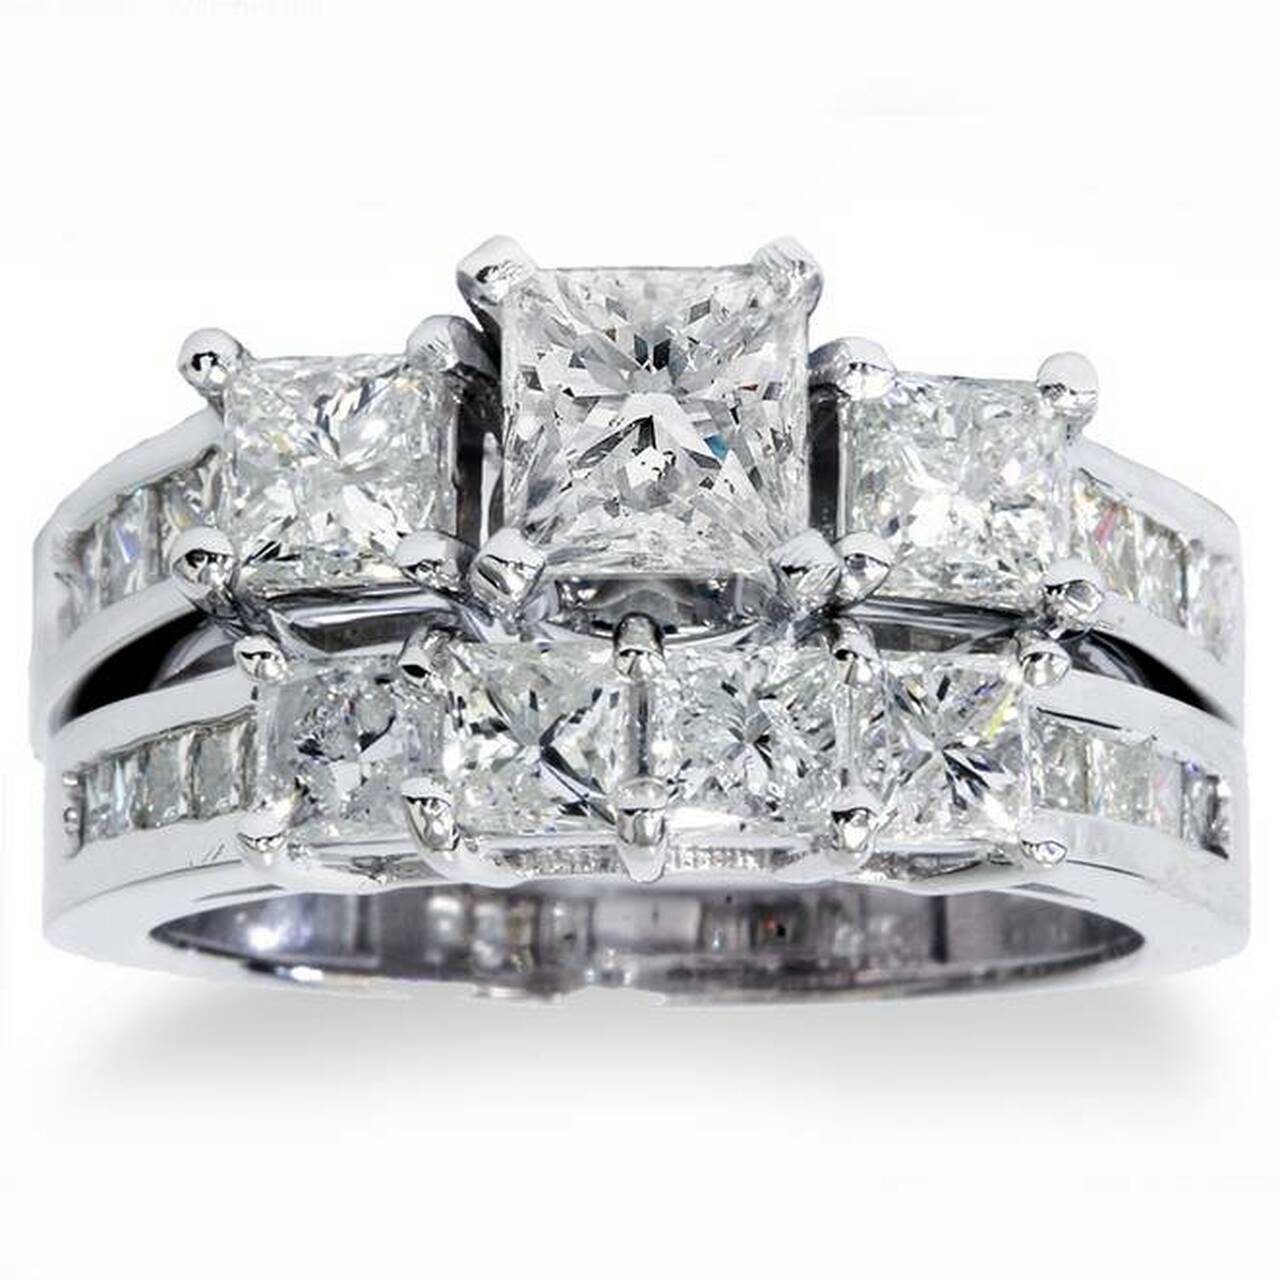 3 1 2ct Princess Cut Diamond Engagement Ring Wedding Set 14k White Gold